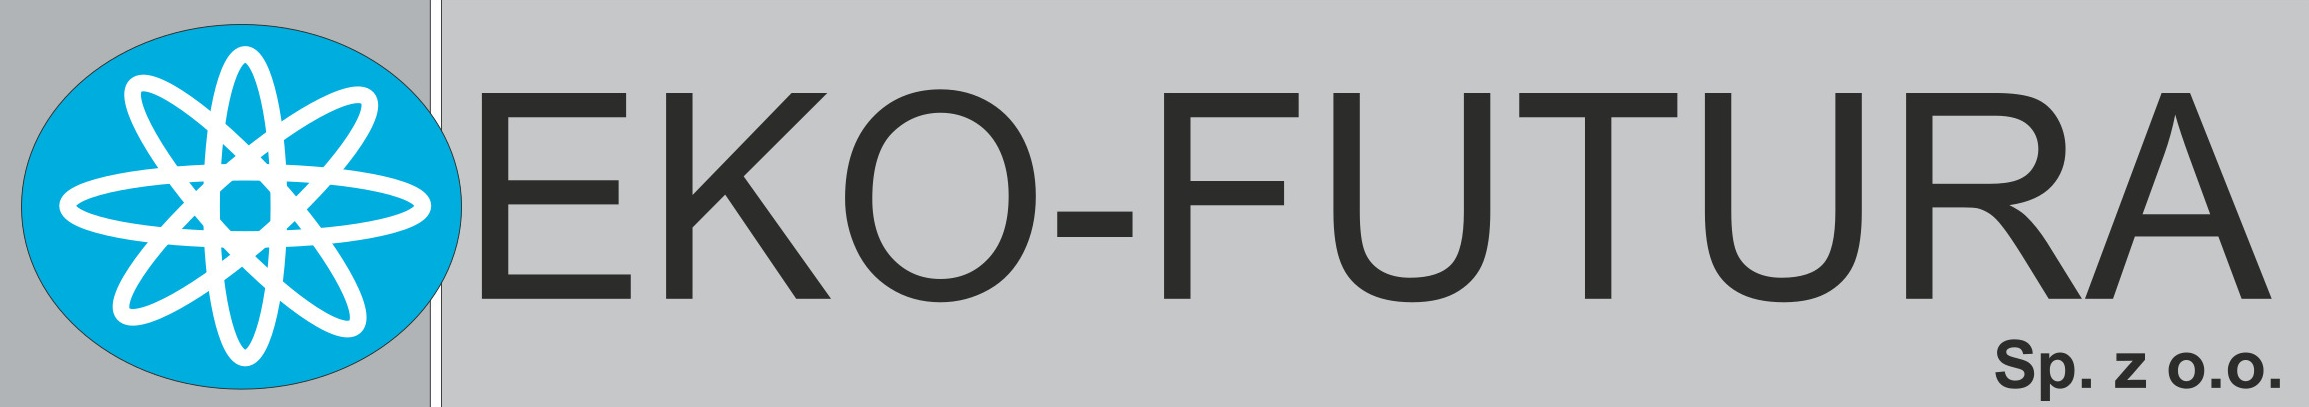 EKO-FUTURA Sp. z o.o.